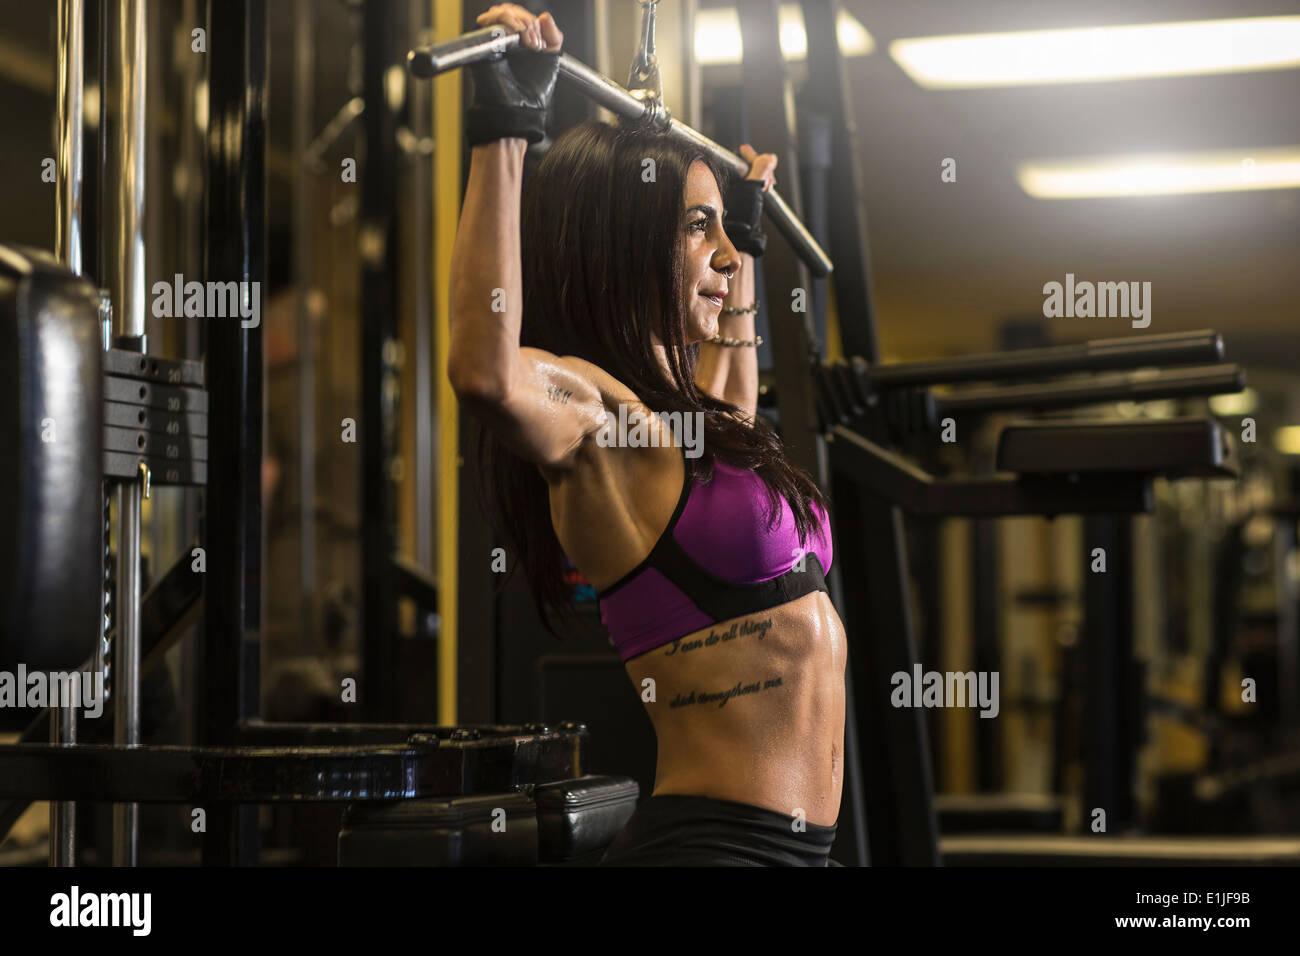 Mitad mujer adulta en el gimnasio haciendo ejercicio pectoral Imagen De Stock